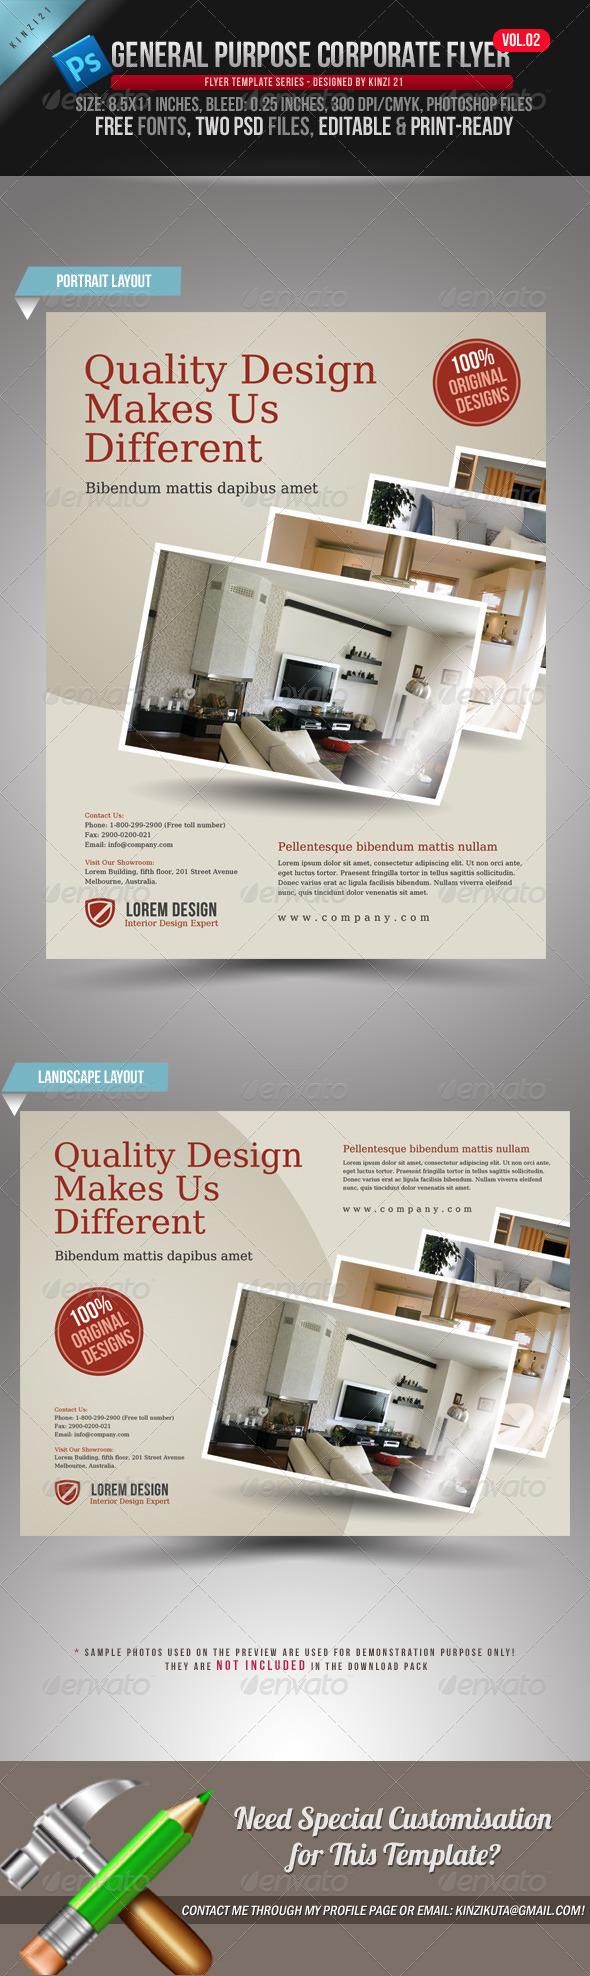 GraphicRiver General Purpose Corporate Flyer Vol 02 1685023